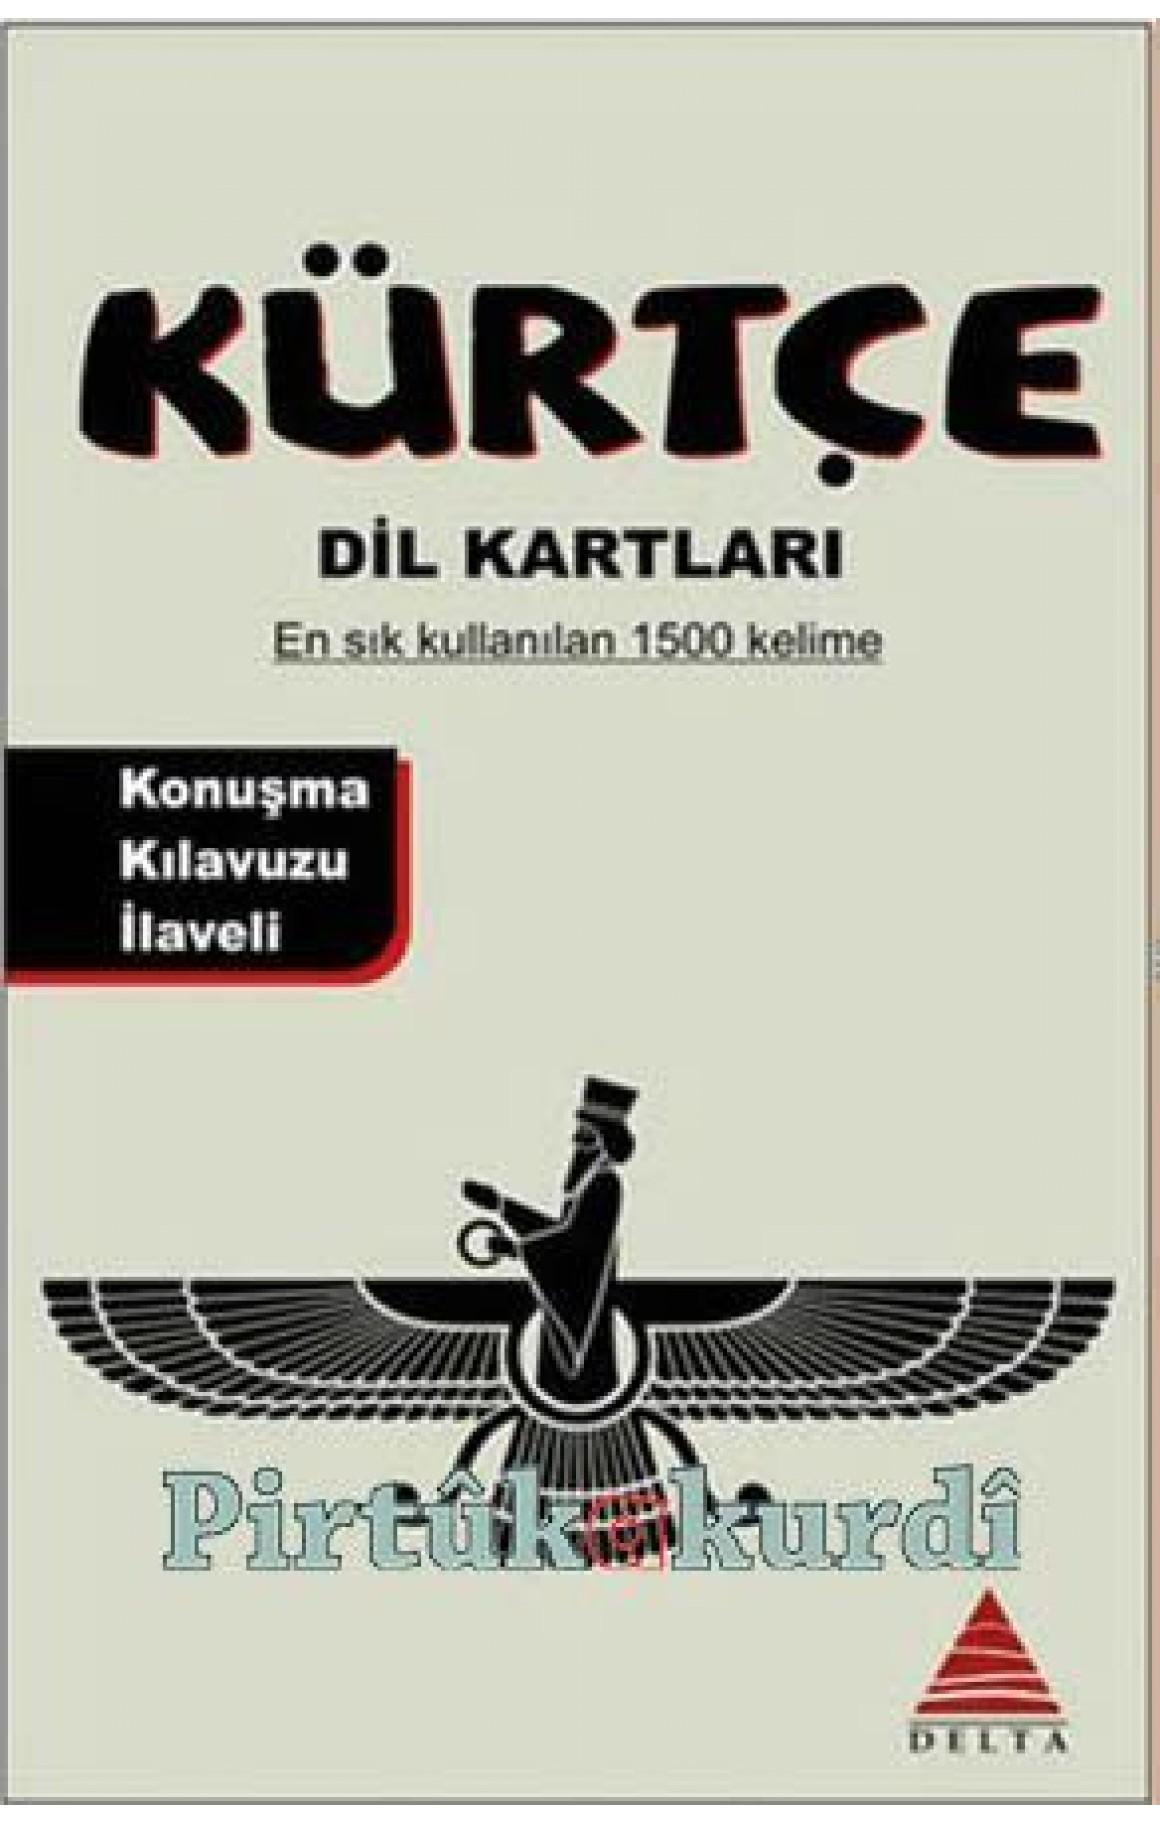 Kürtçe Dil Kartları